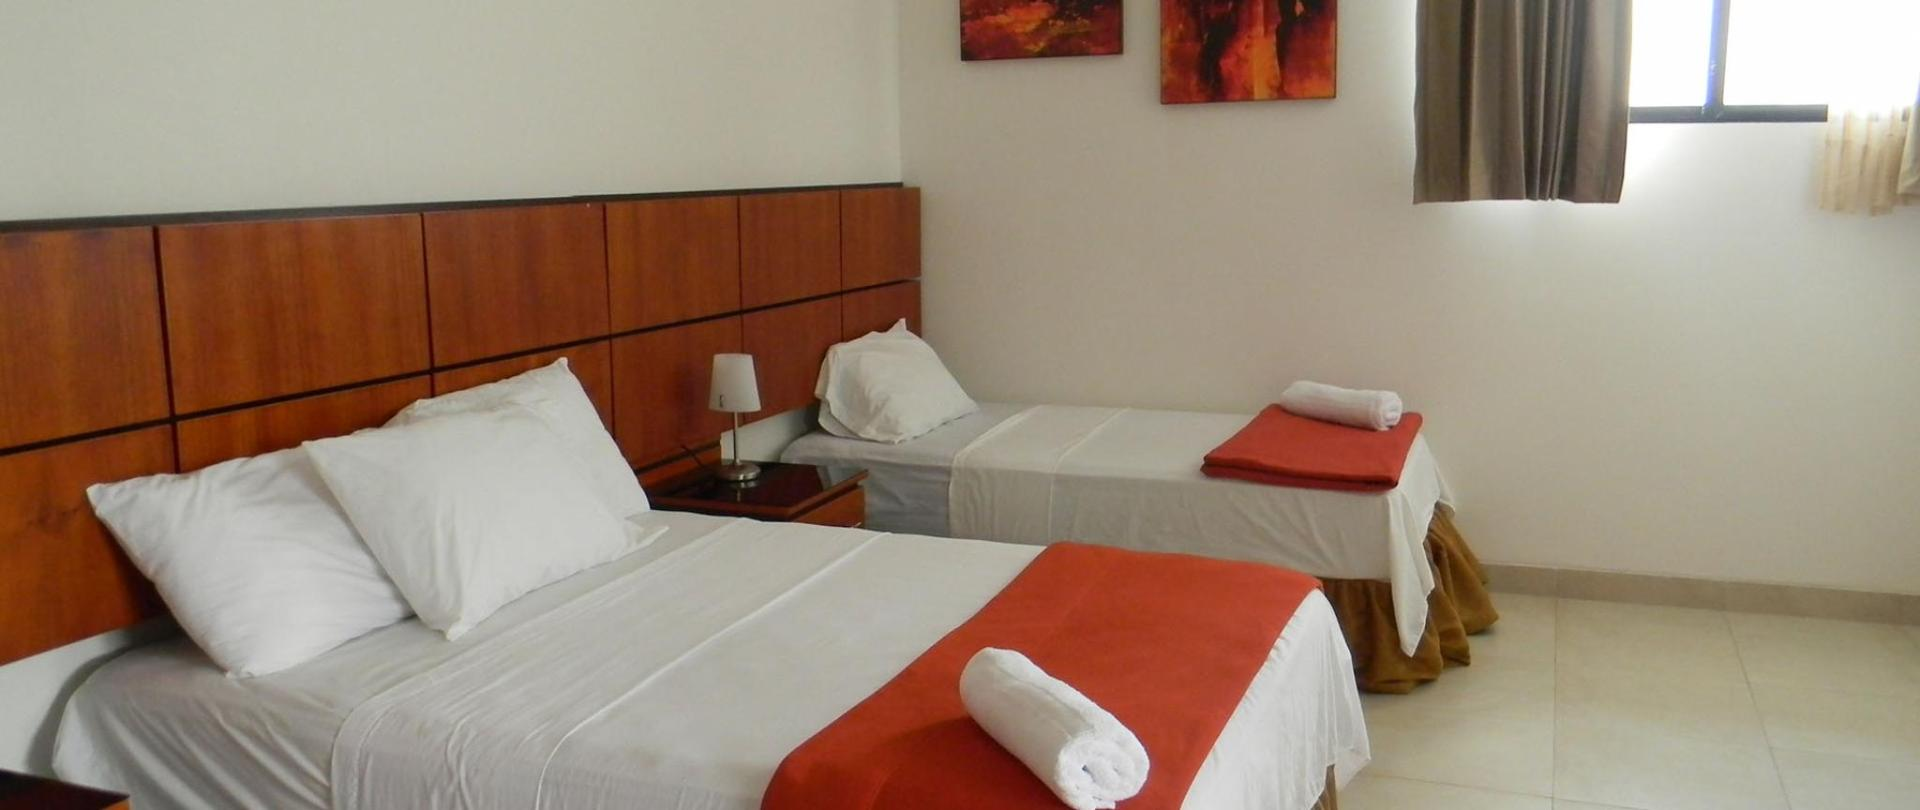 apart-suites-03.jpg